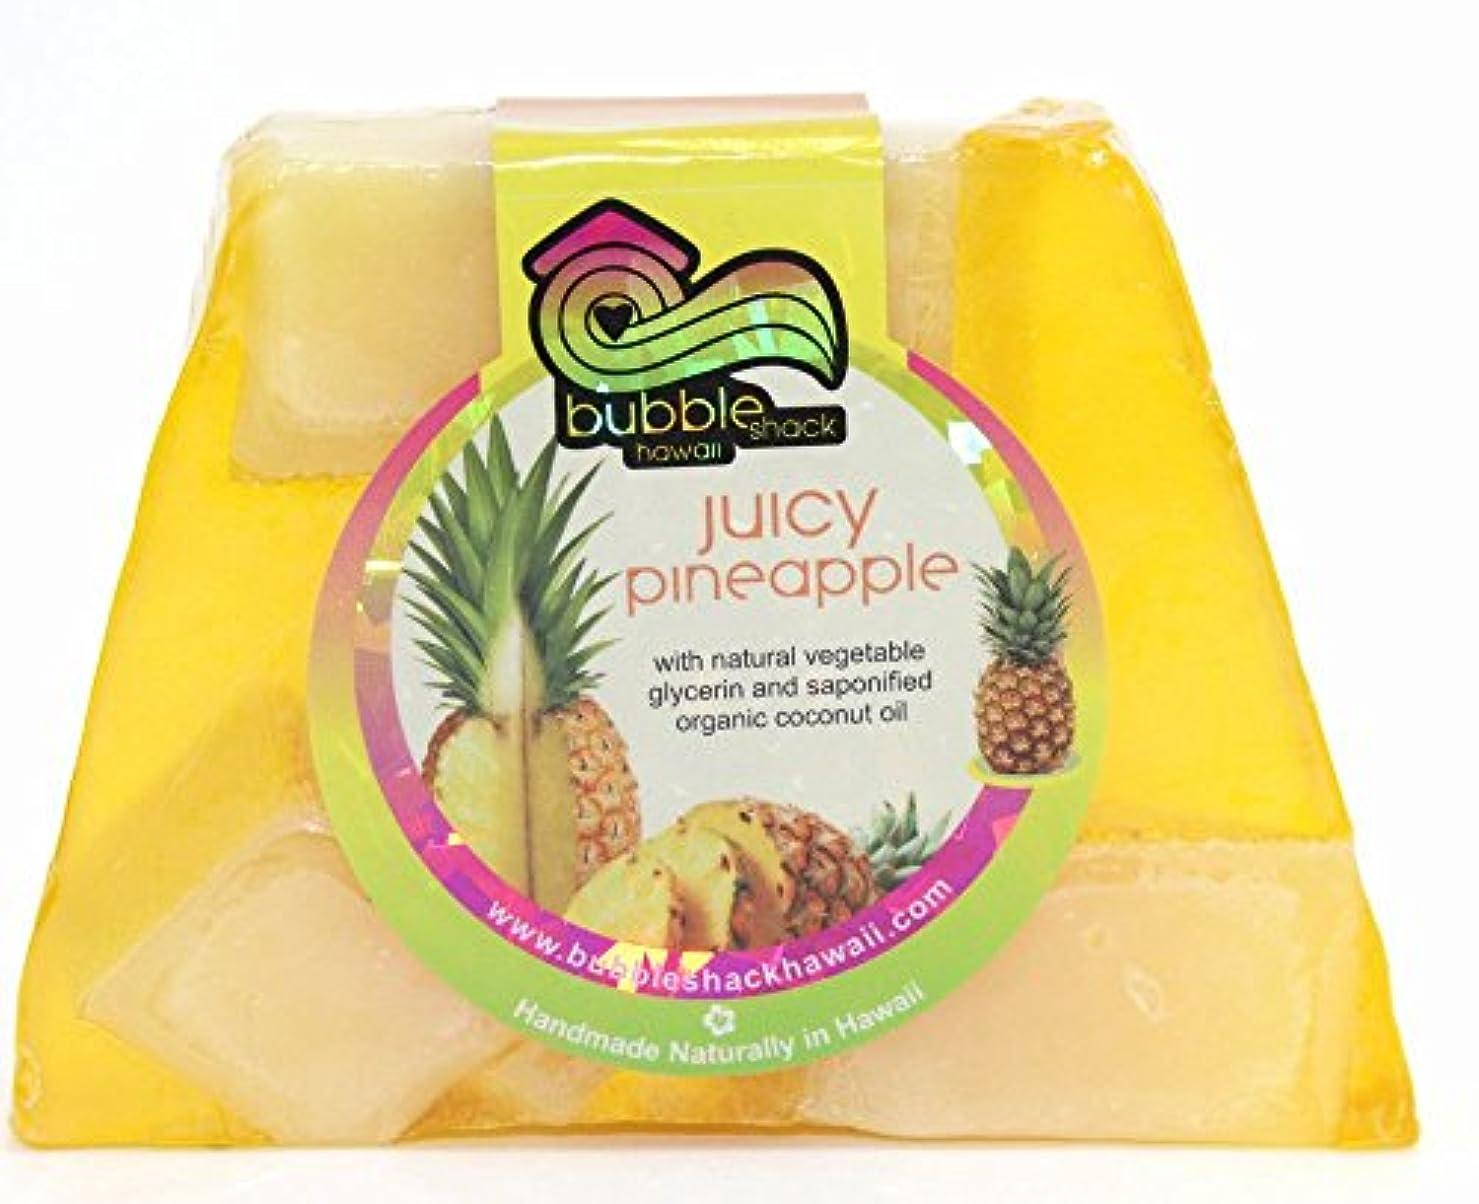 飾る予報劣るハワイ お土産 ハワイアン雑貨 バブルシャック パイナップル チャンクソープ 石鹸 (パイナップル) ハワイ雑貨